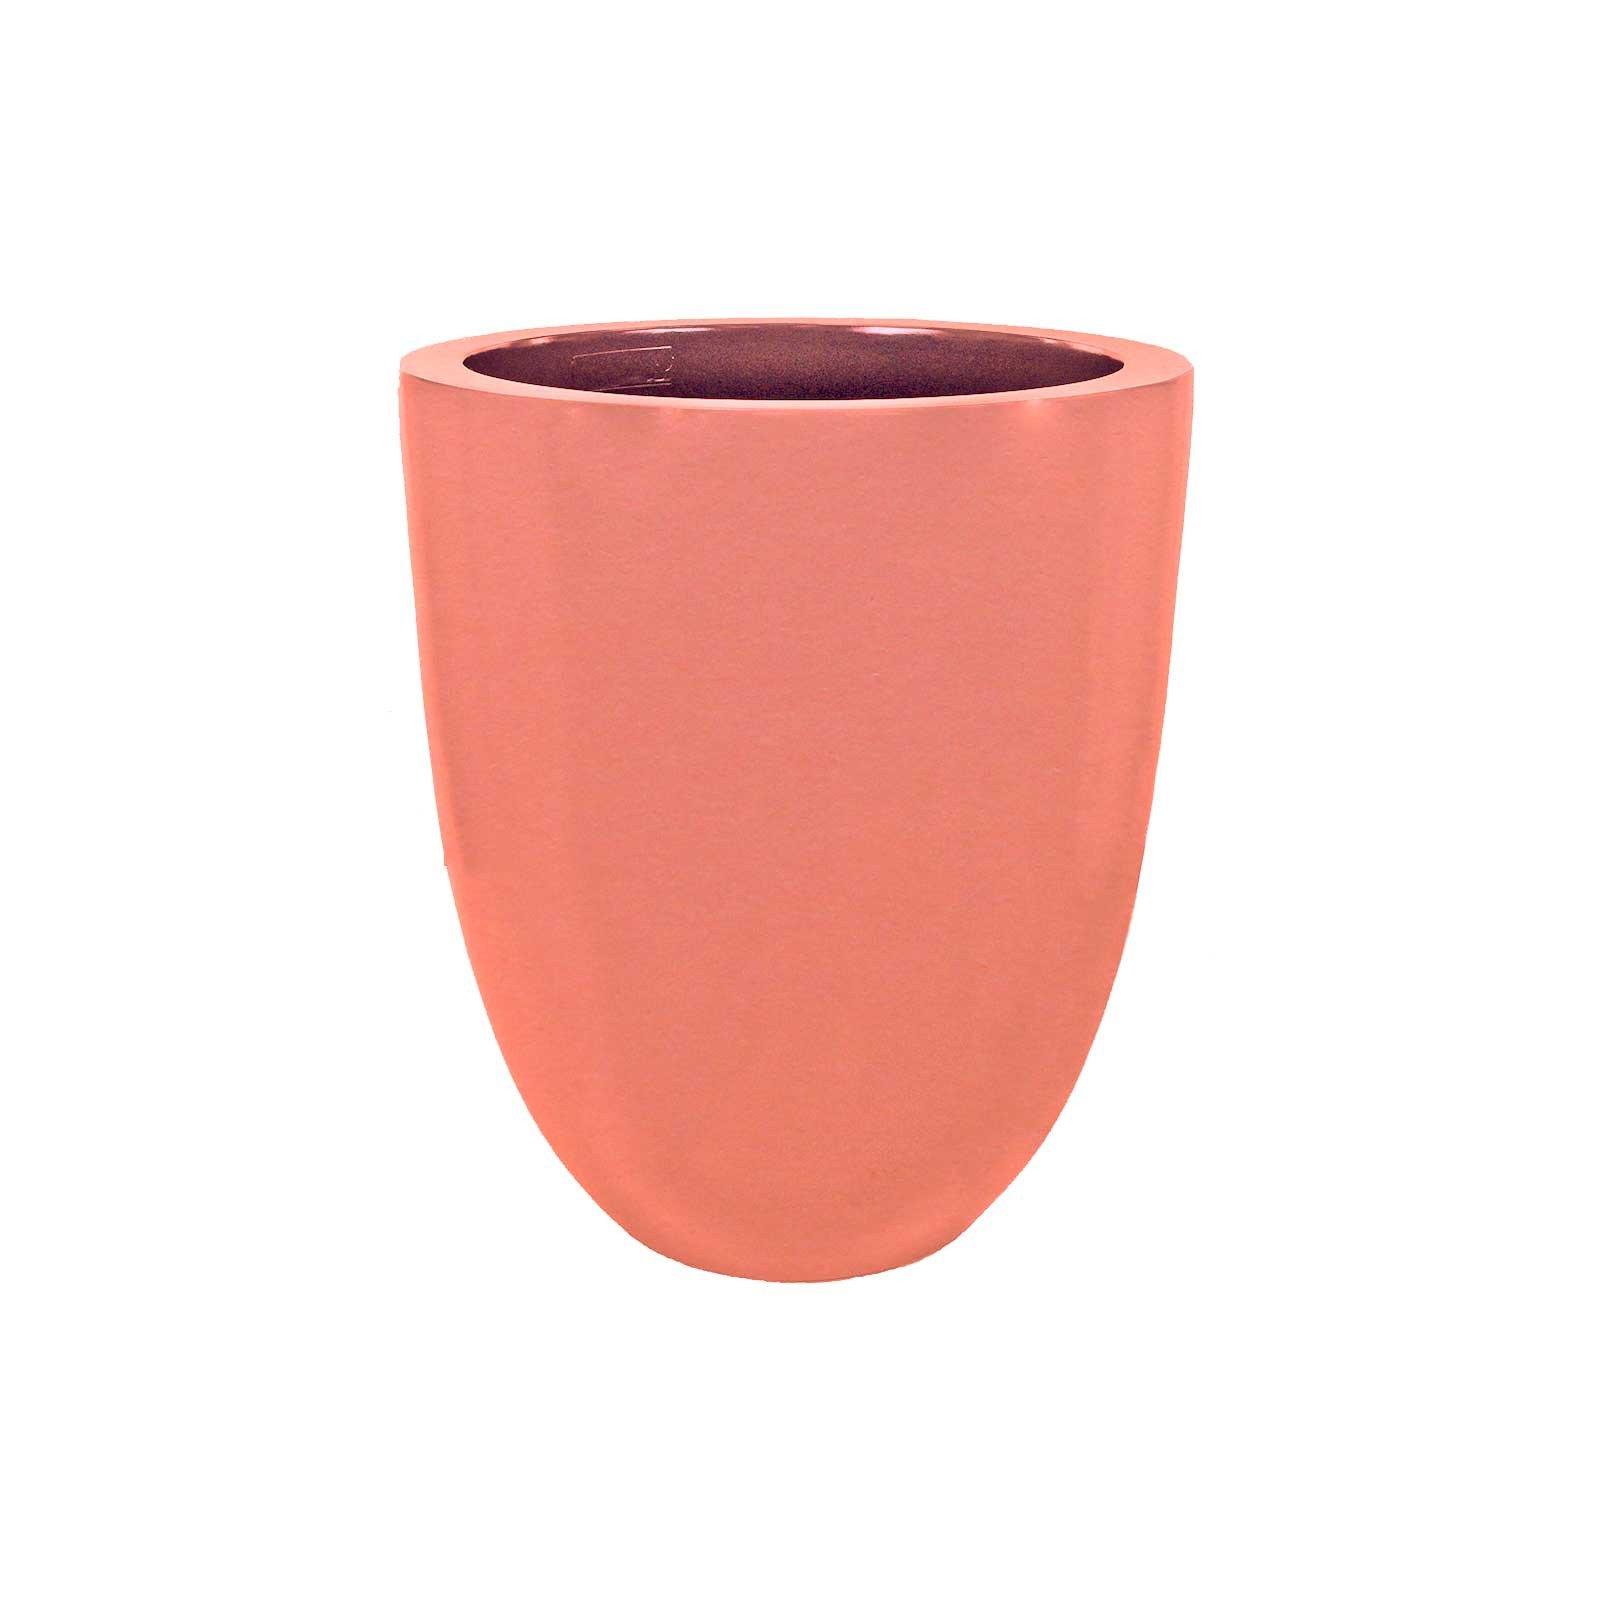 Round Planter Pots - Fiberglass - 15'/20'/27' Diameters